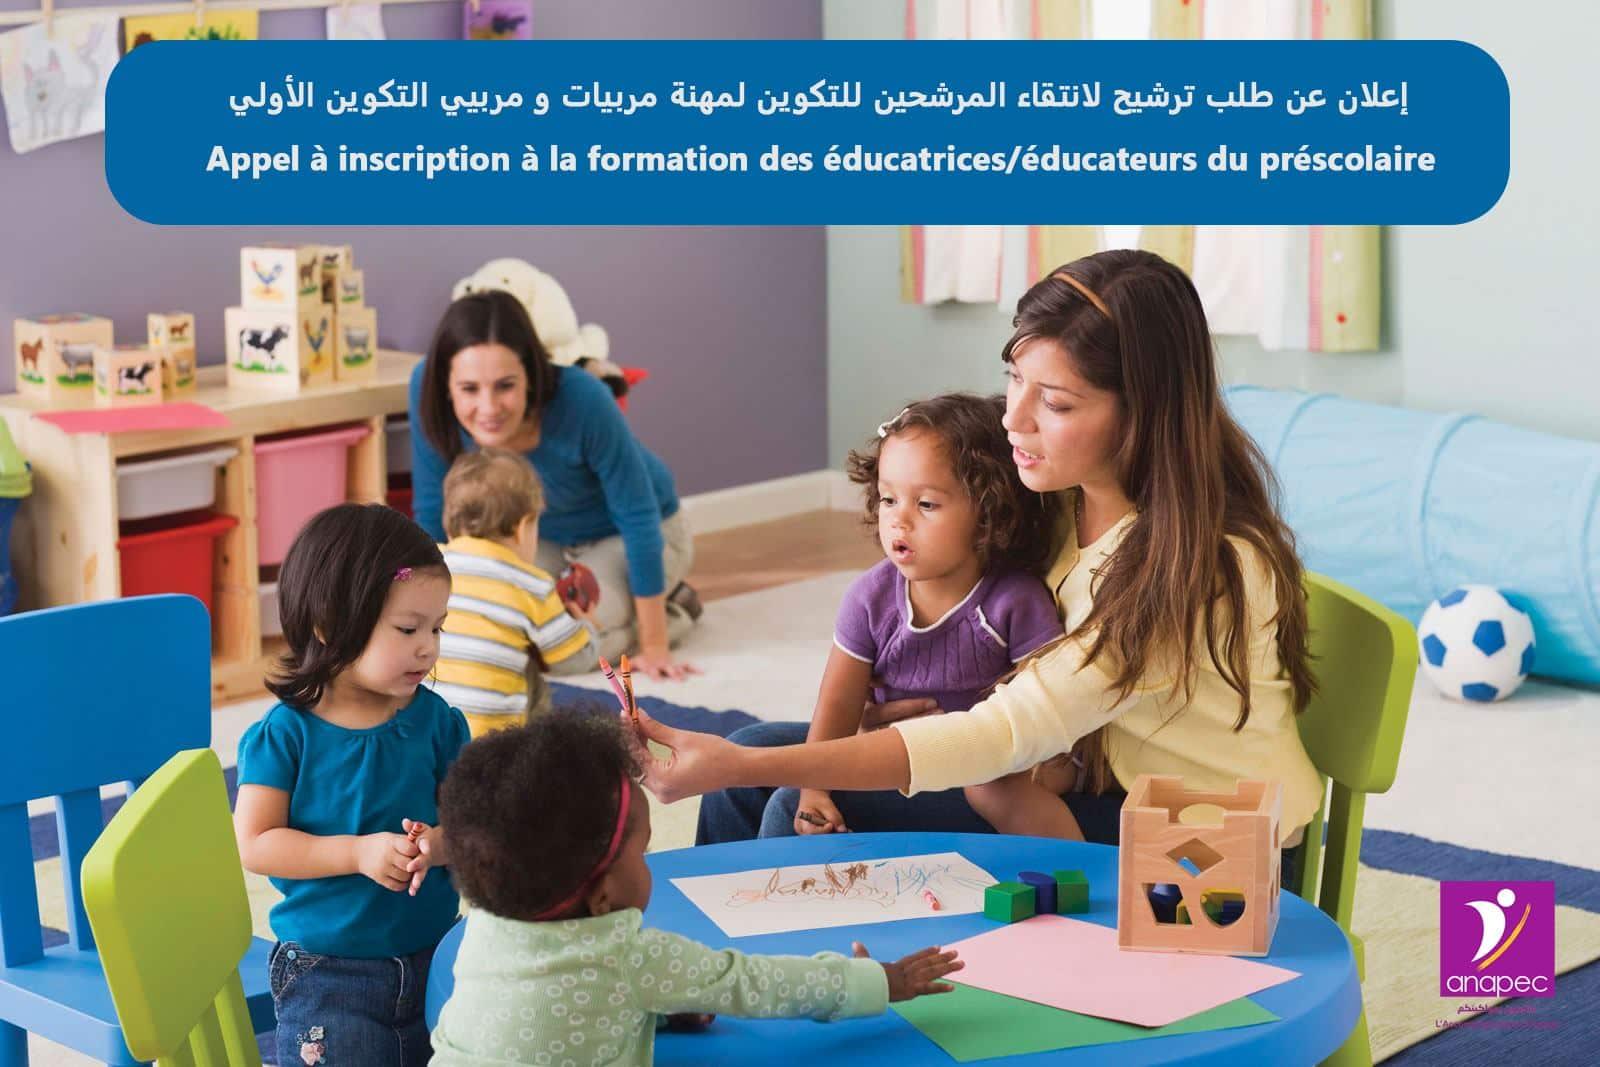 165528948 4128766993841937 2308712910429598566 n Anapec propose une Formation Gratuite pour Devenir Educatrice / Educateur du Préscolaire